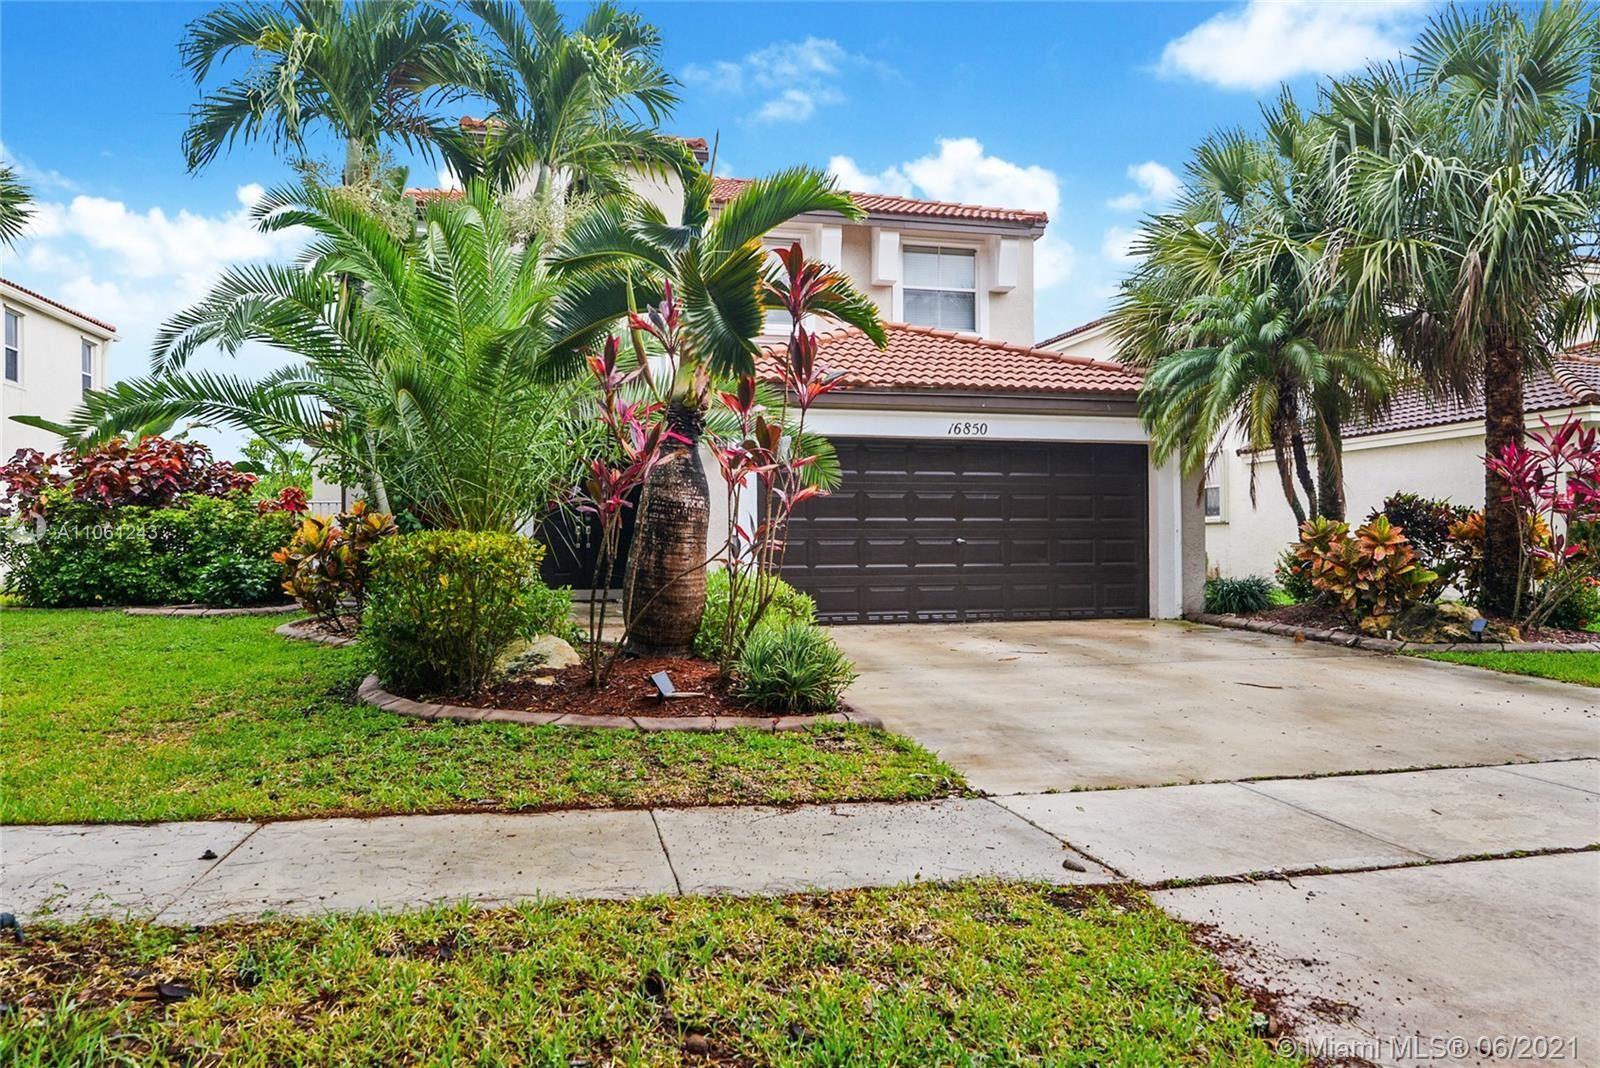 Photo of 16850 SW 49th Ct, Miramar, FL 33027 (MLS # A11061243)